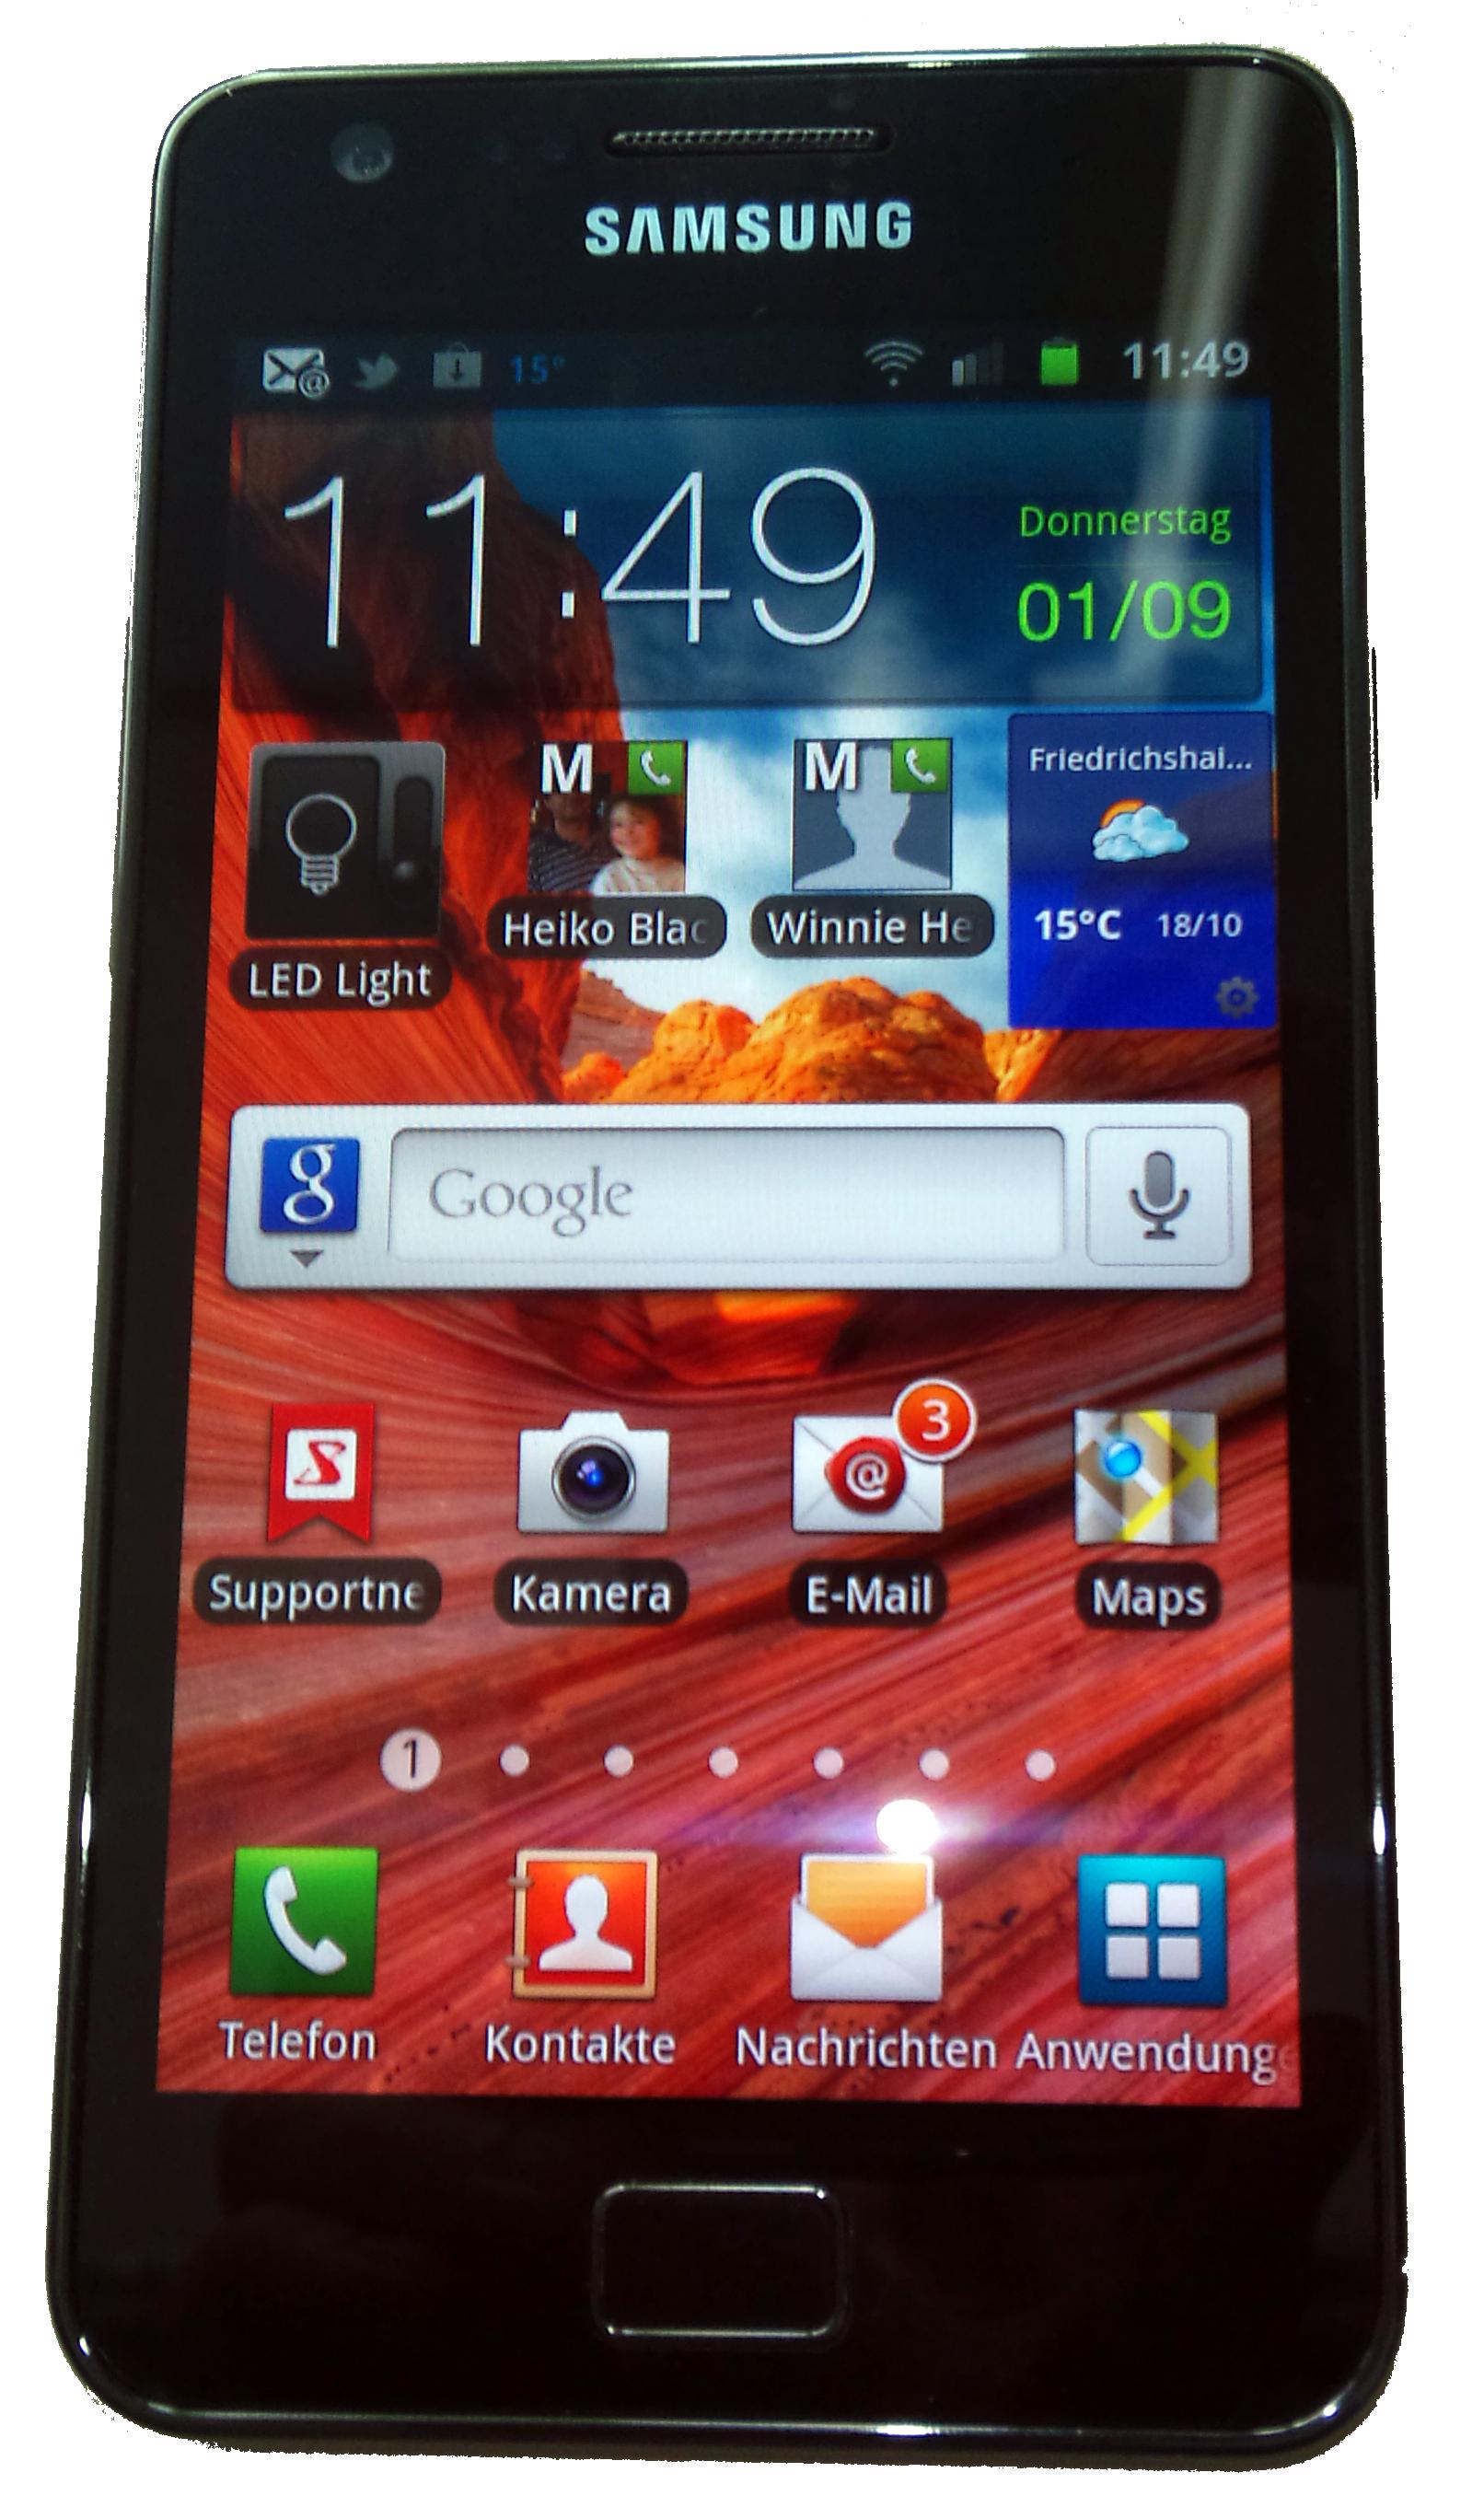 02-was-ist-eine-cpu-smartphone-200.png?nocache=1319208393766